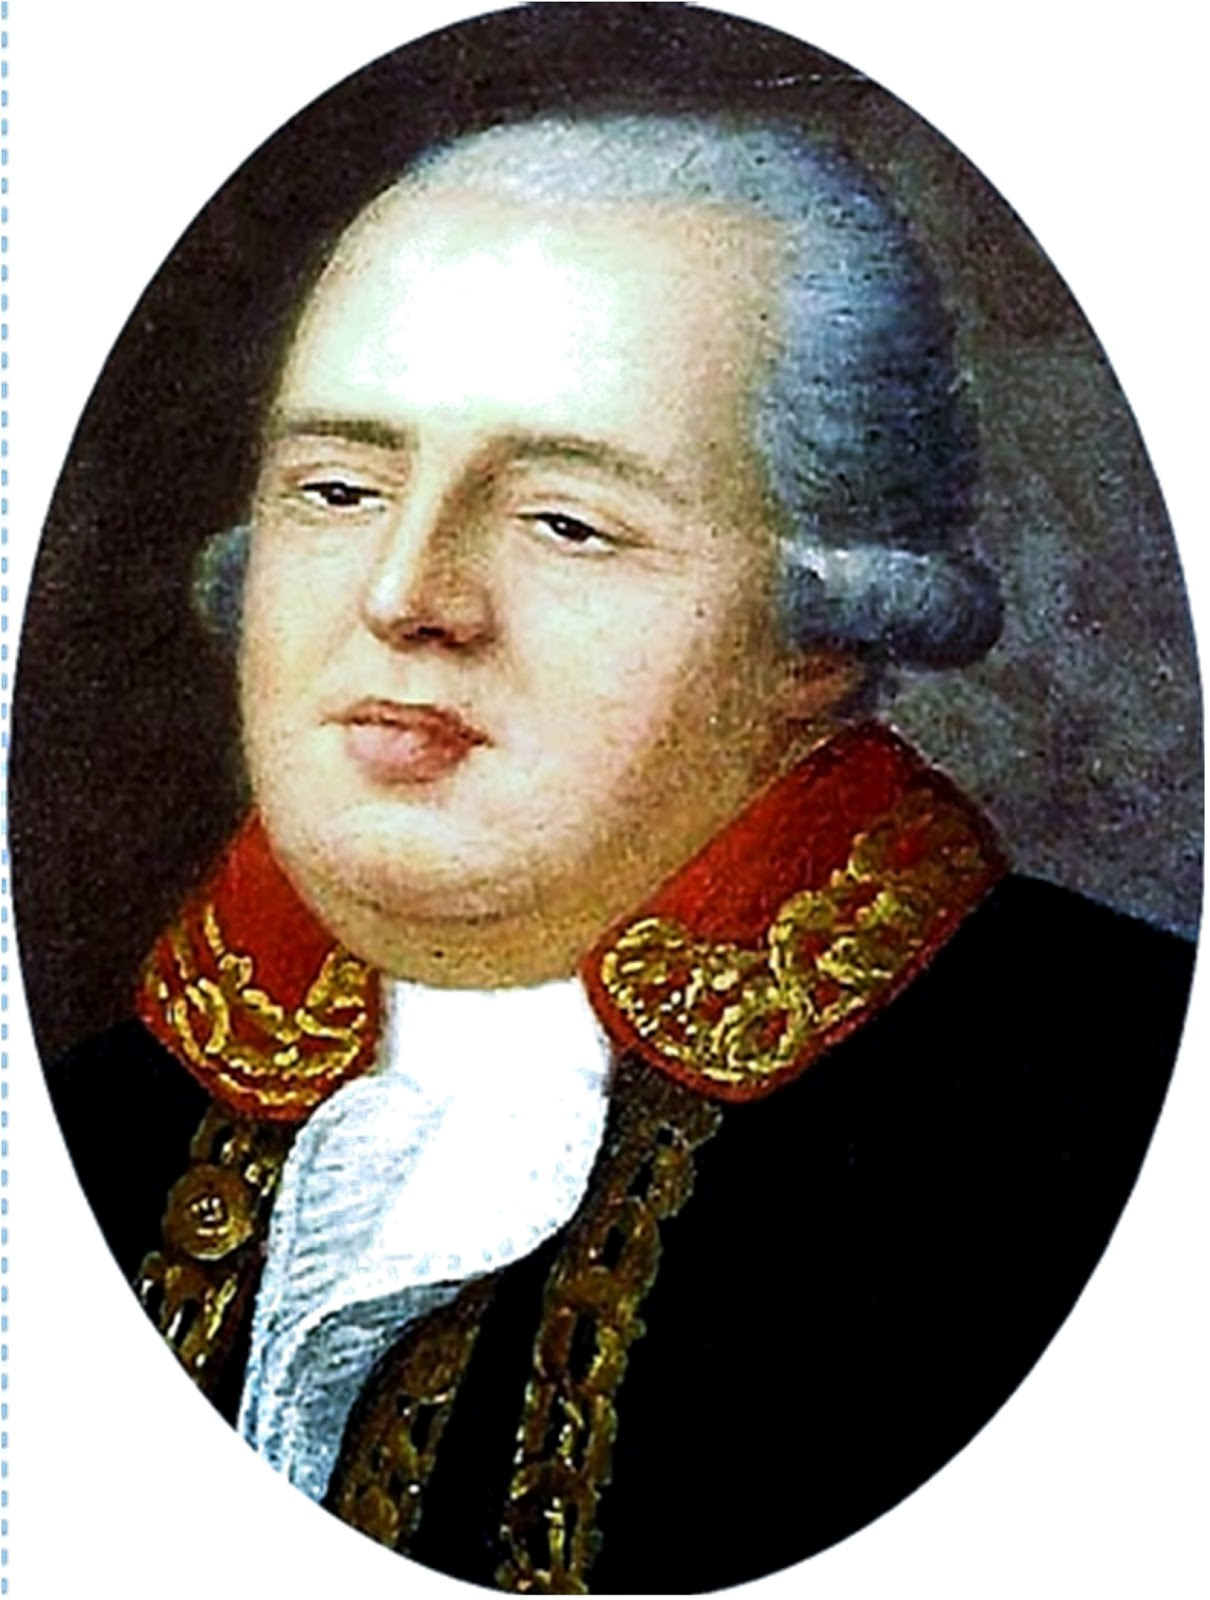 Xabier María José Joaquín Felipe Félix Jacinto Ignacio de Munibe e Idiákez